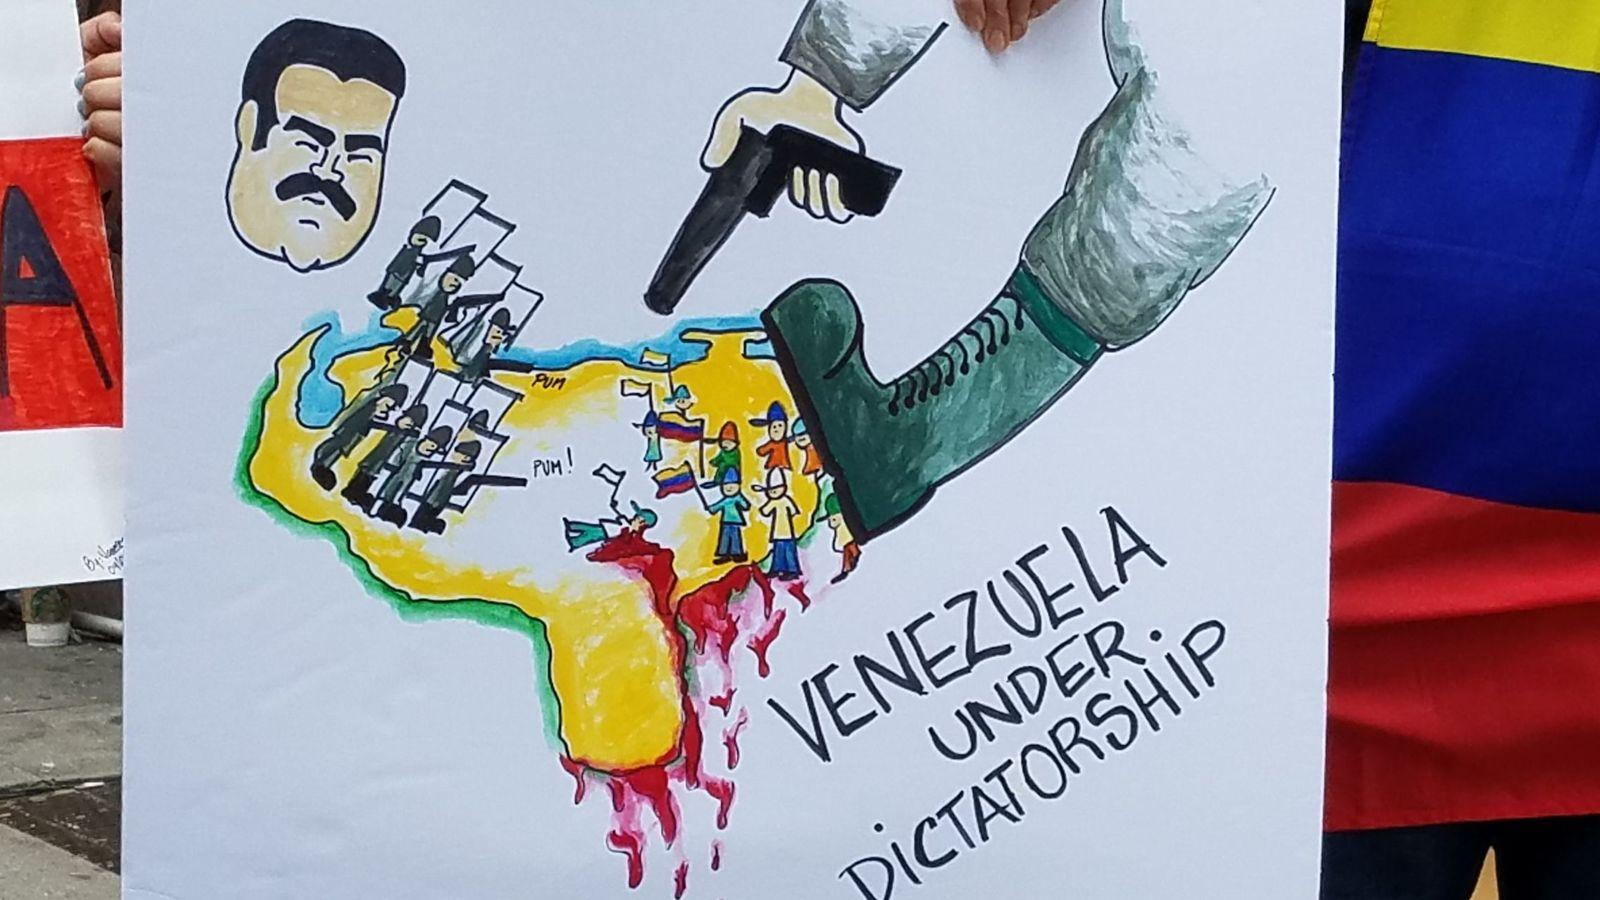 Foto: Una persona sostiene un cartel durante una manifestación de venezolanos frente al consulado de su país en Nueva York. (EFE)